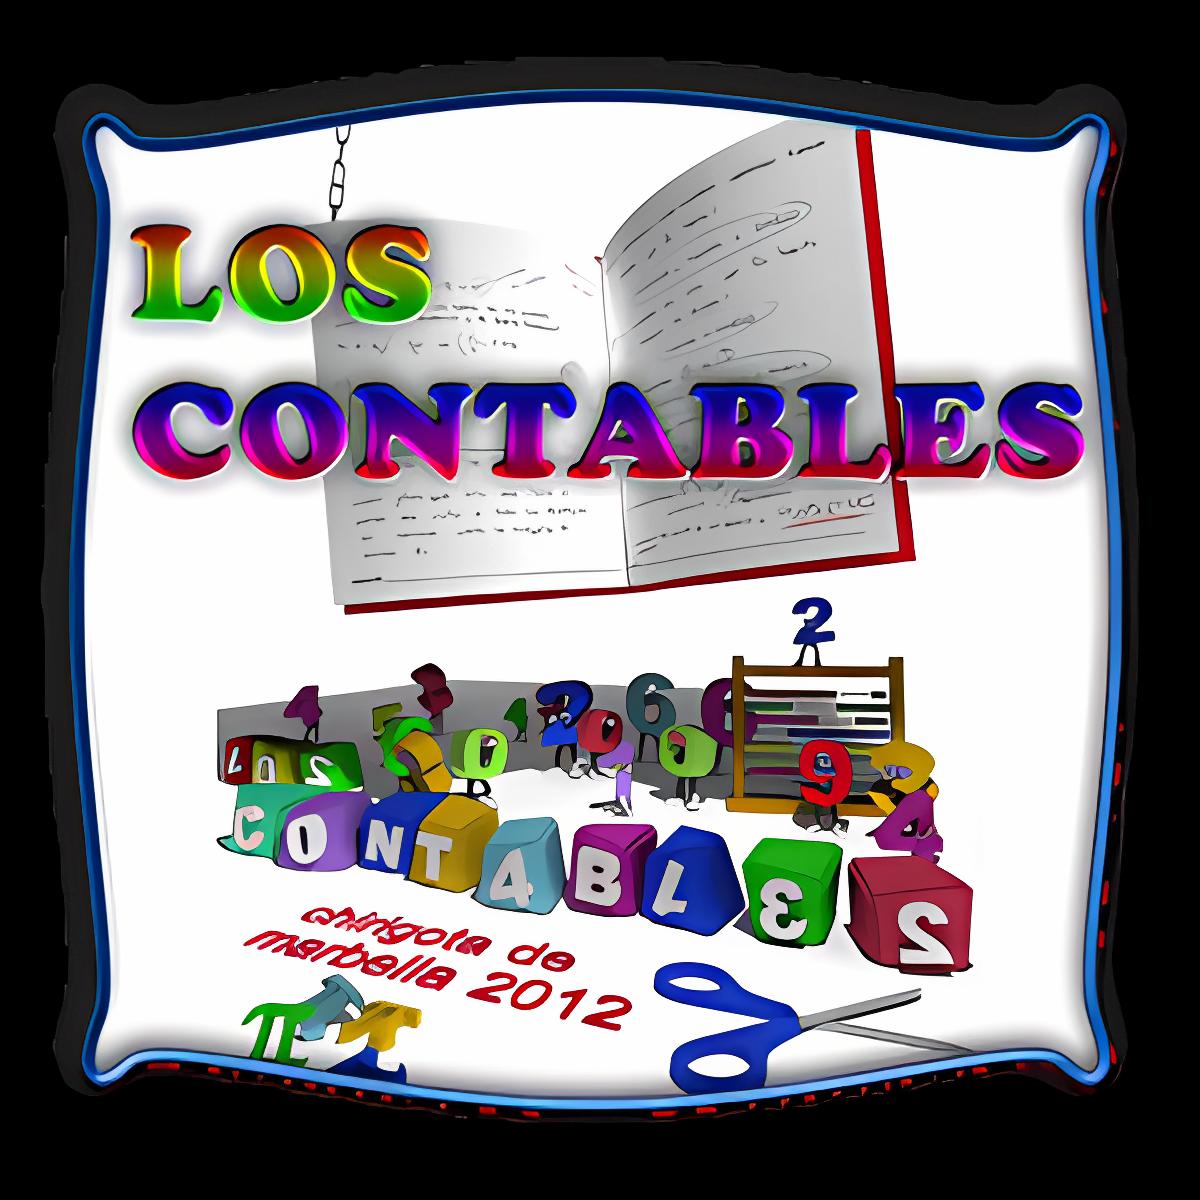 CHIRIGOTA LOS CONTABLES 3.0.0